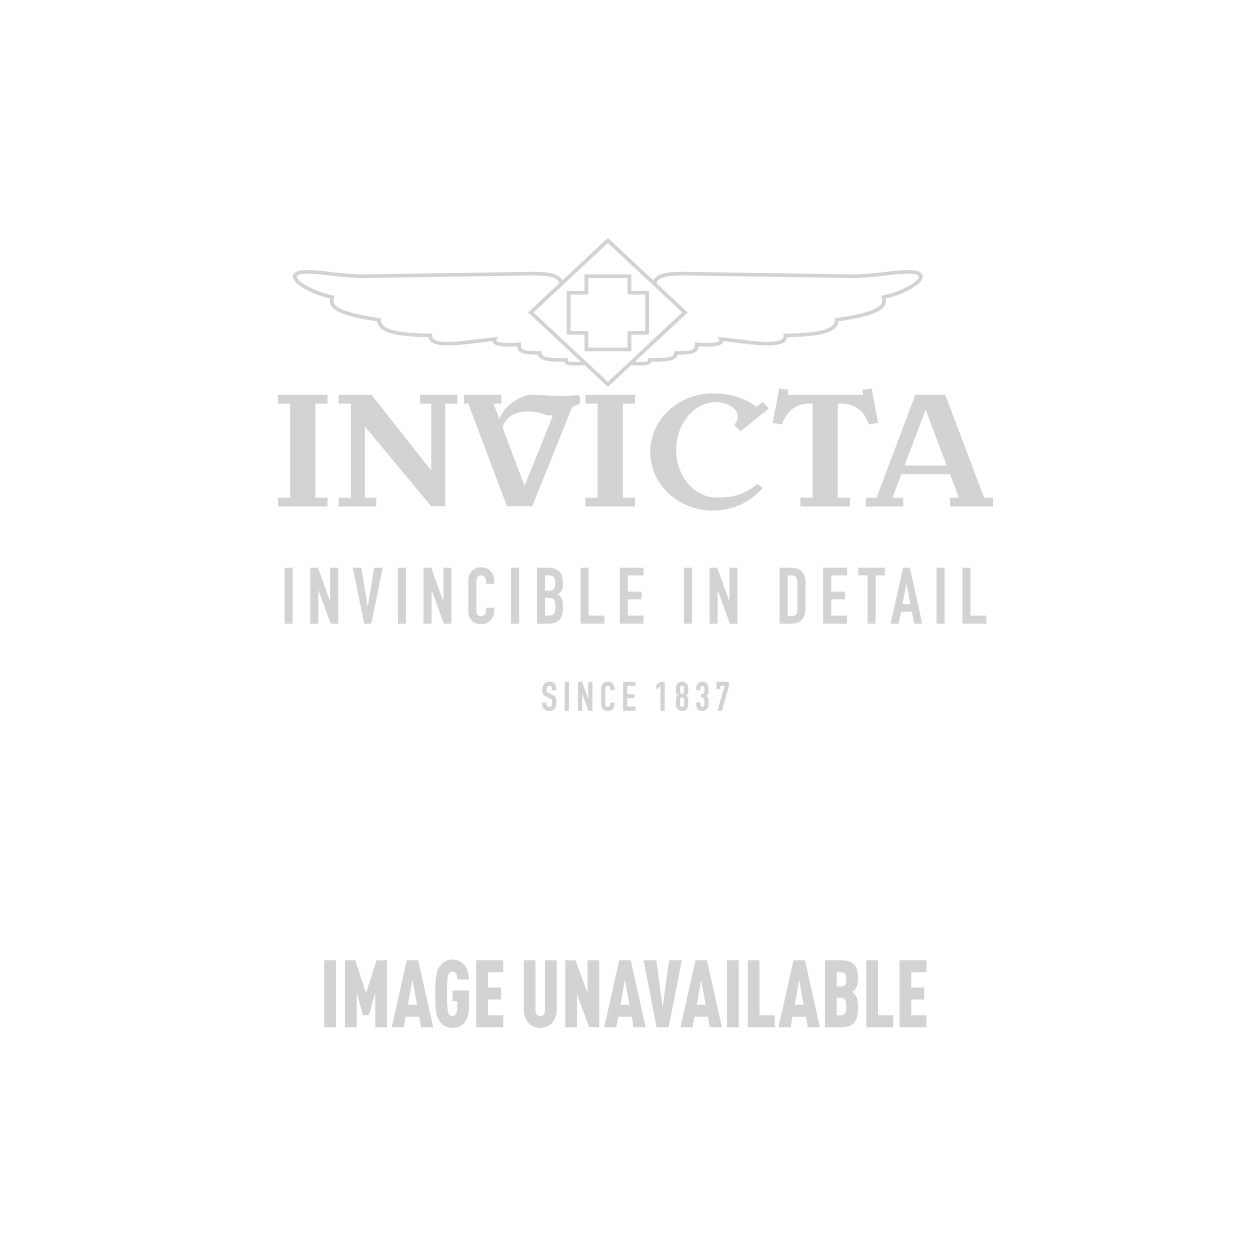 Invicta Model 24506